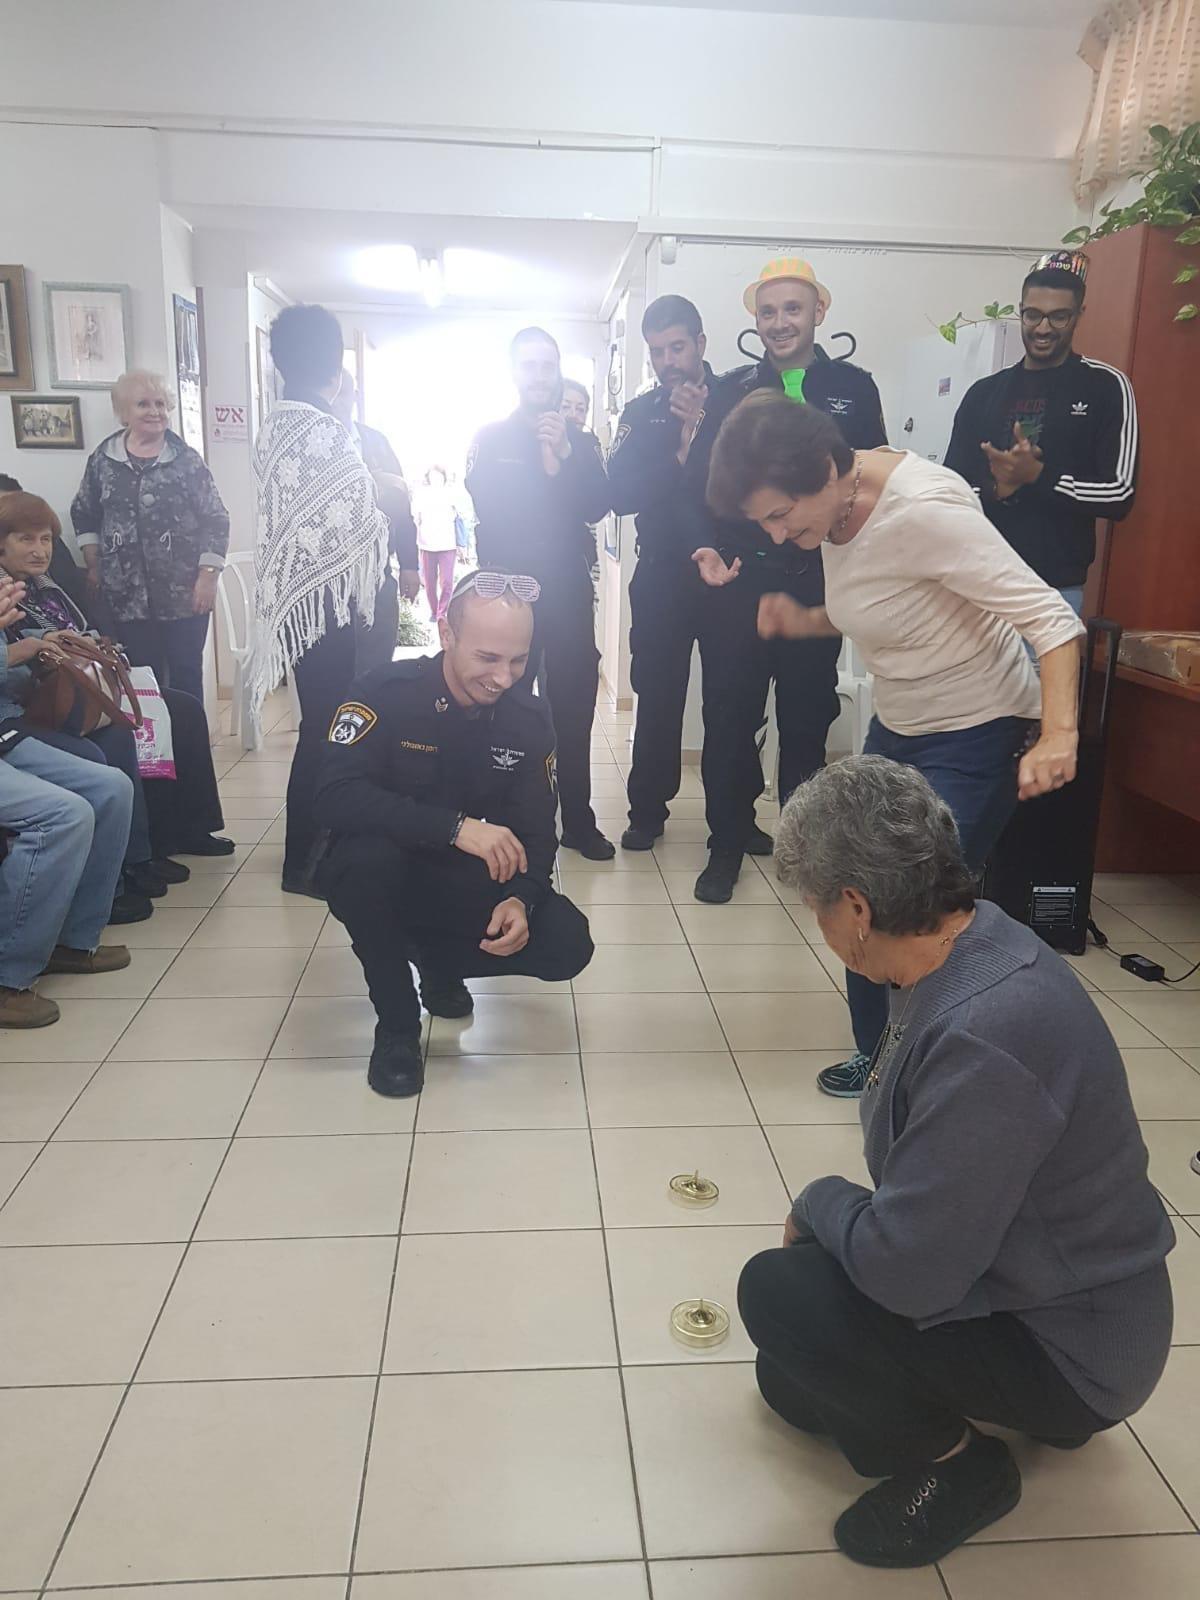 חנוכה שמח במועדון ניצולי השואה עמי-חי באשדוד. צילום: דוברות המשטרה